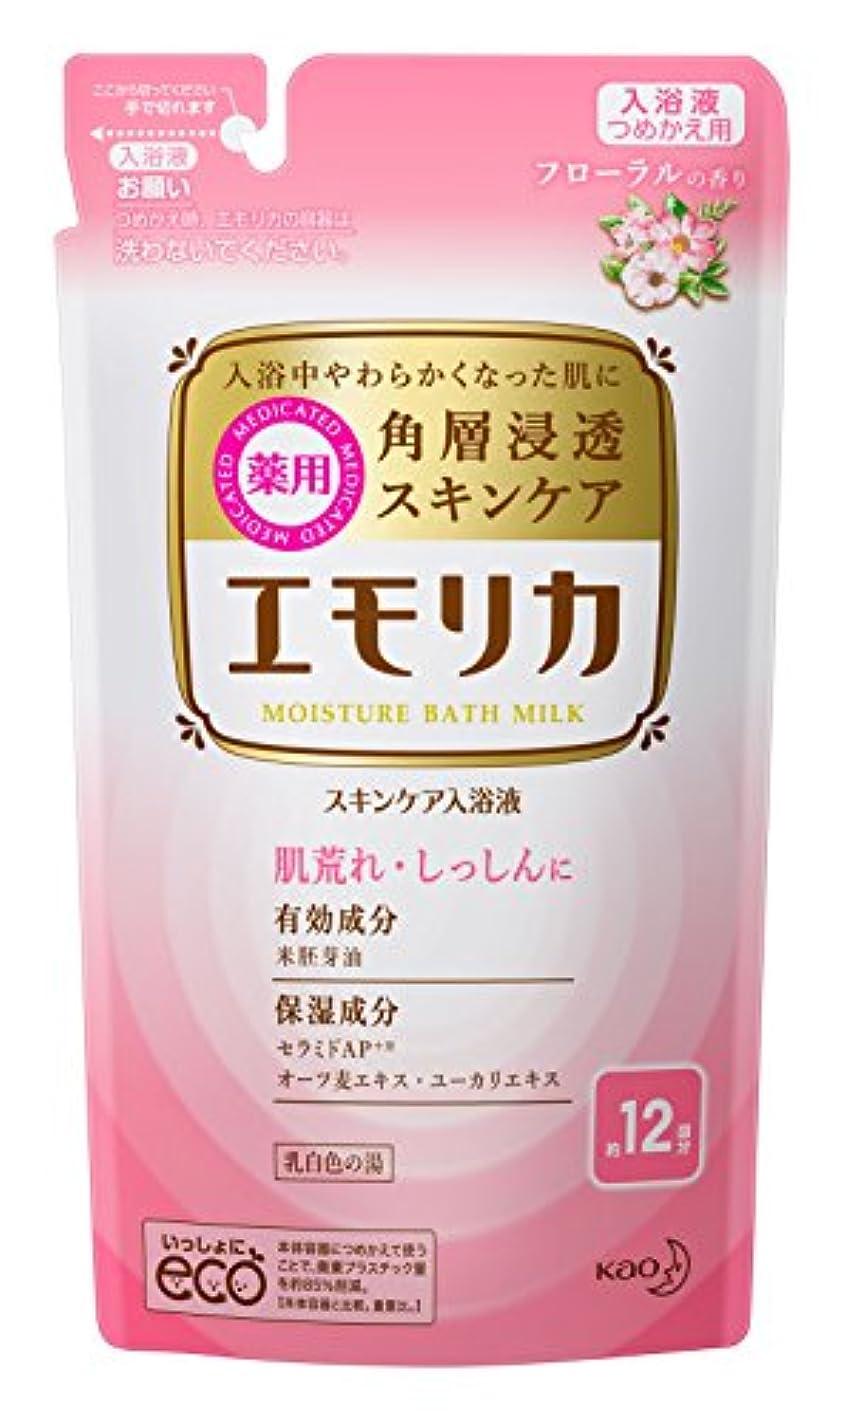 落ち着かない敬の念コメントエモリカ 薬用スキンケア入浴液 フローラルの香り つめかえ用 360ml 液体 入浴剤 (赤ちゃんにも使えます)